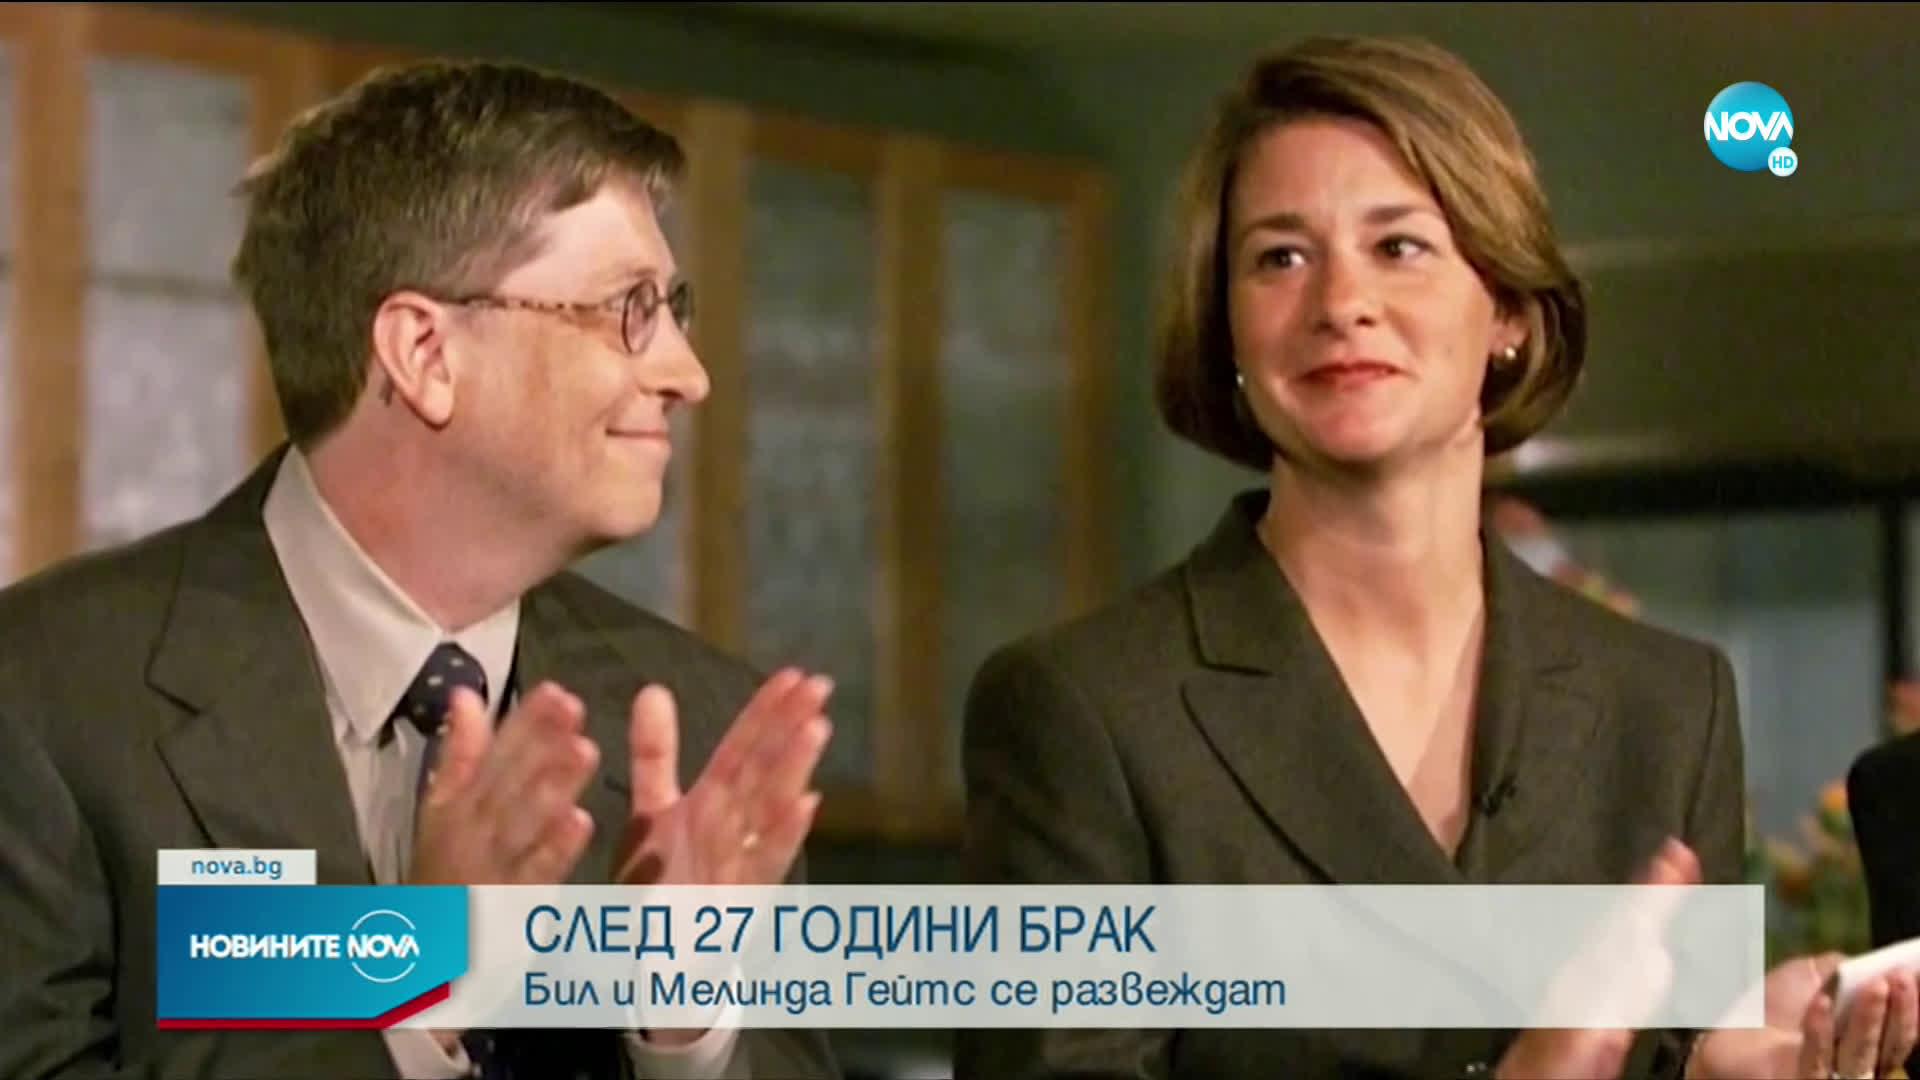 Бил и Мелинда Гейтс се развеждат (ВИДЕО+СНИМКИ)